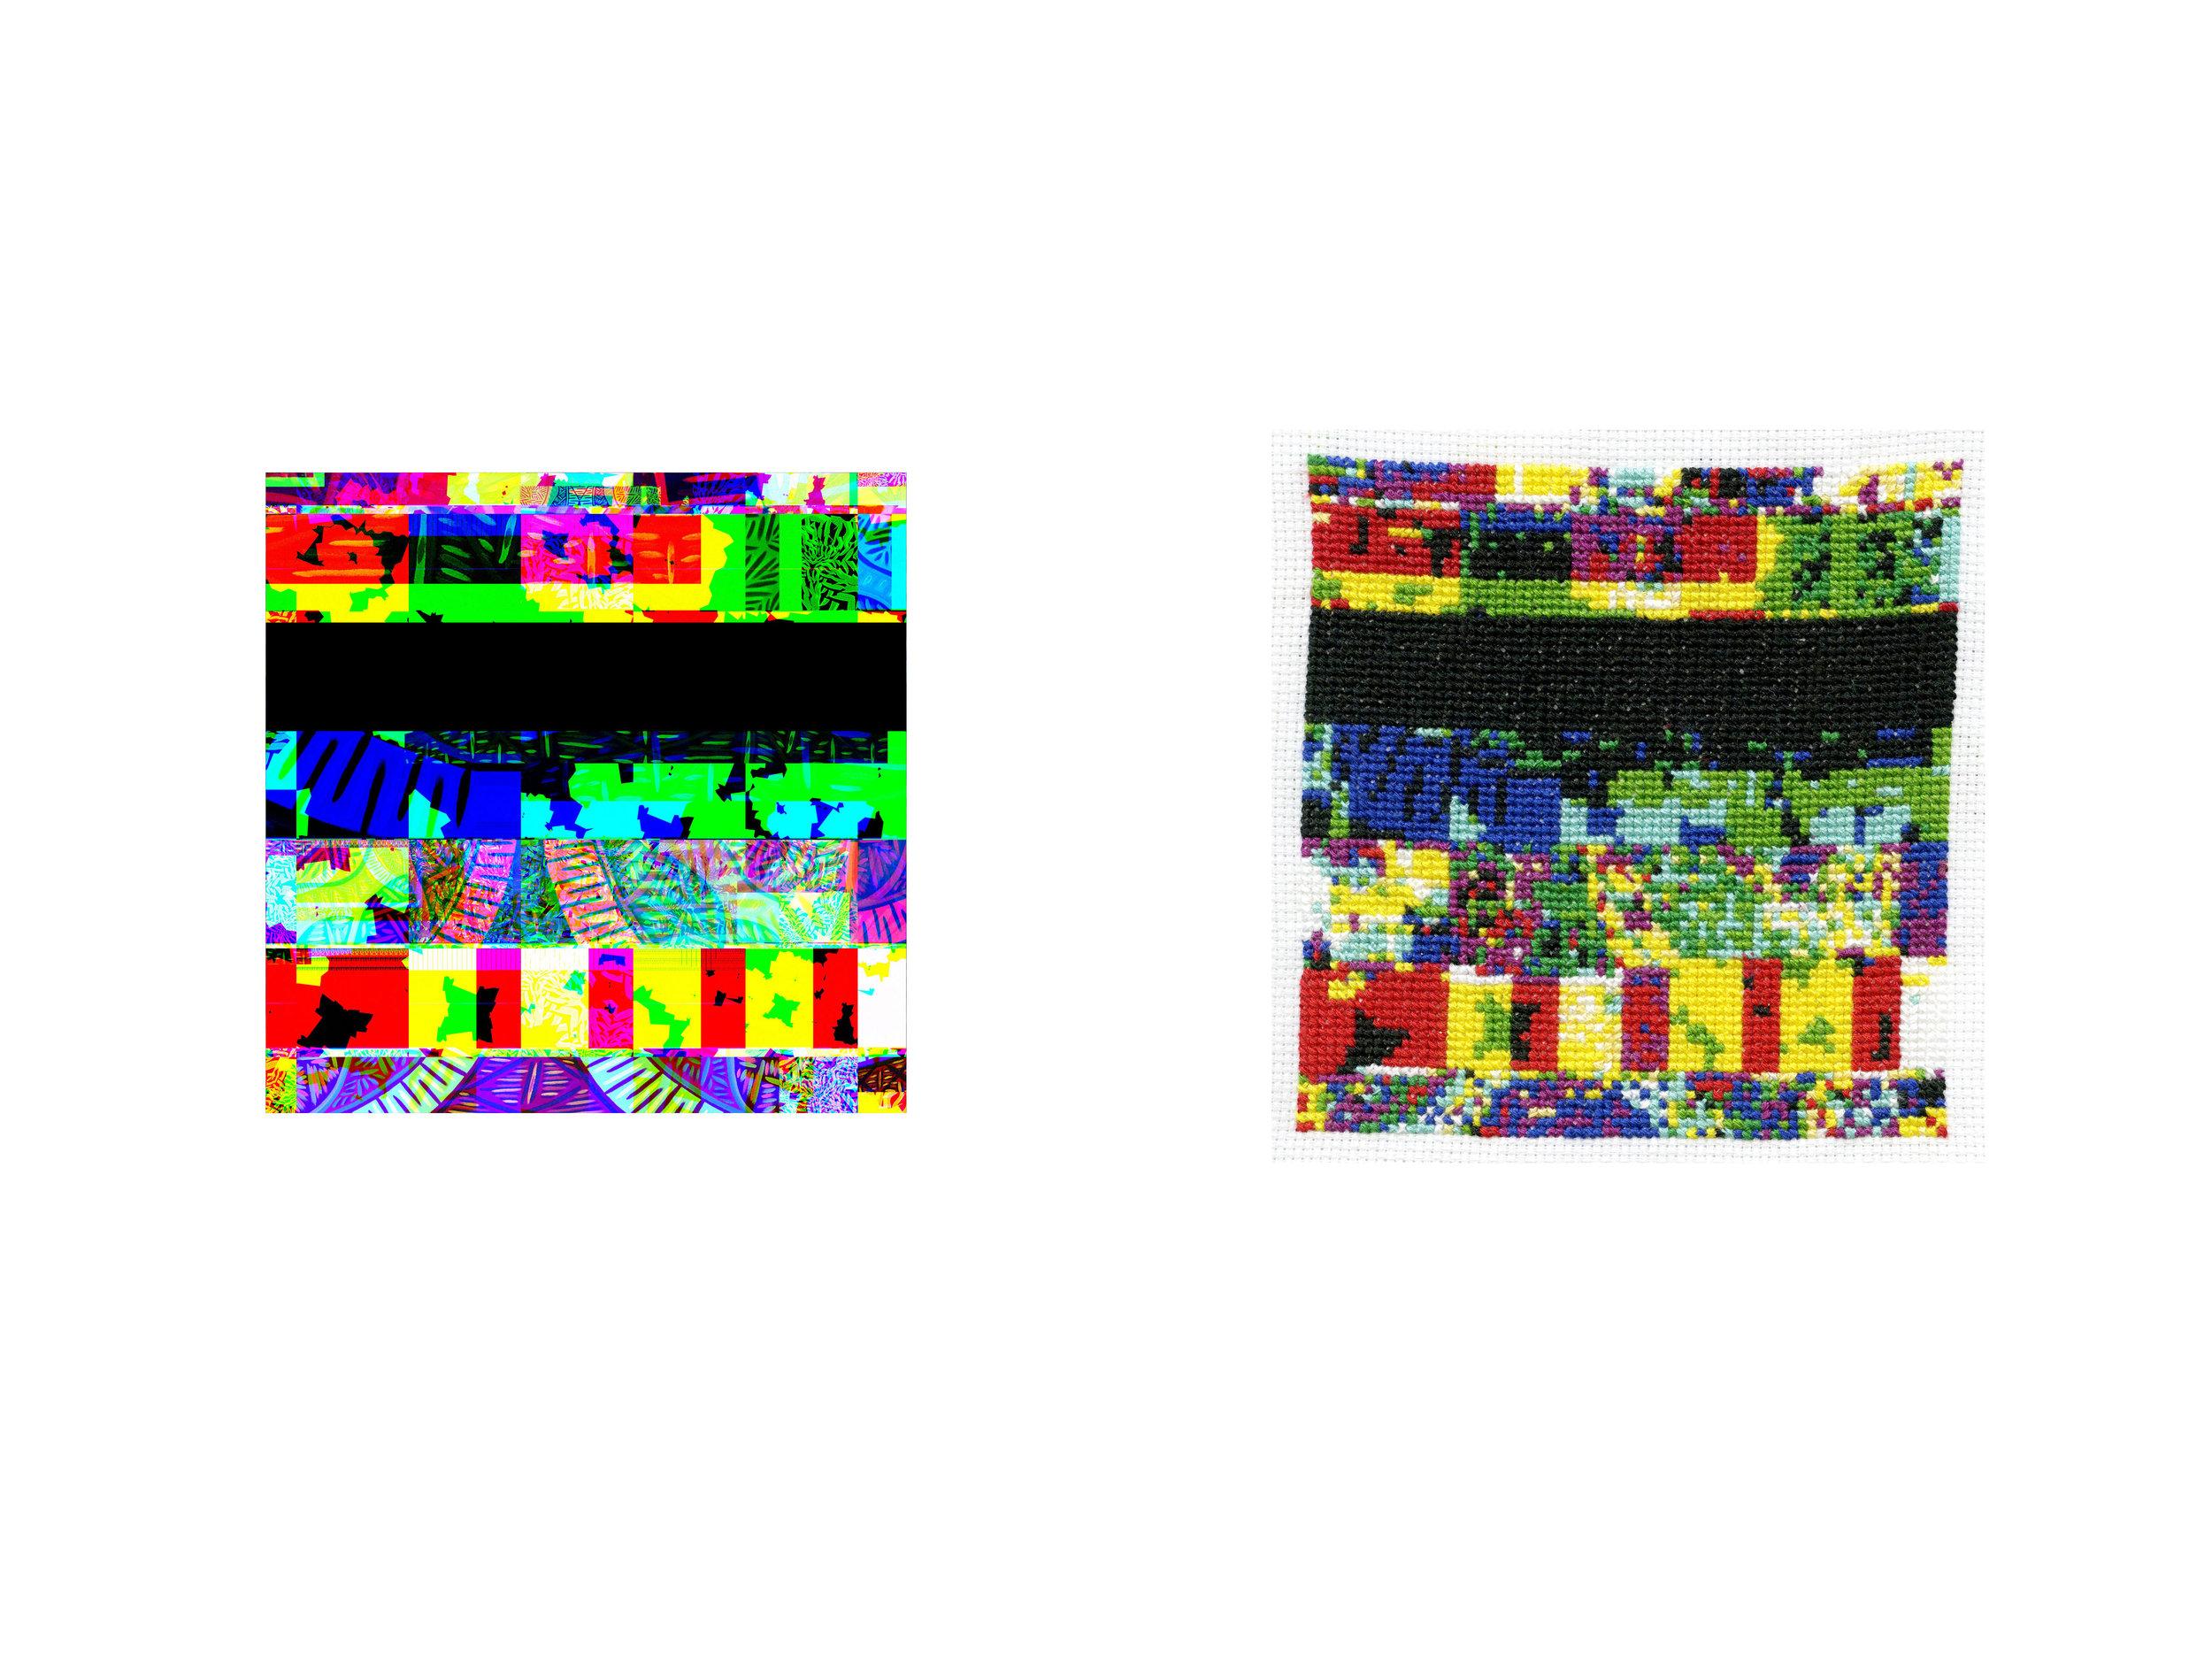 GlitchSeries03 - Crop_9_crop.jpg